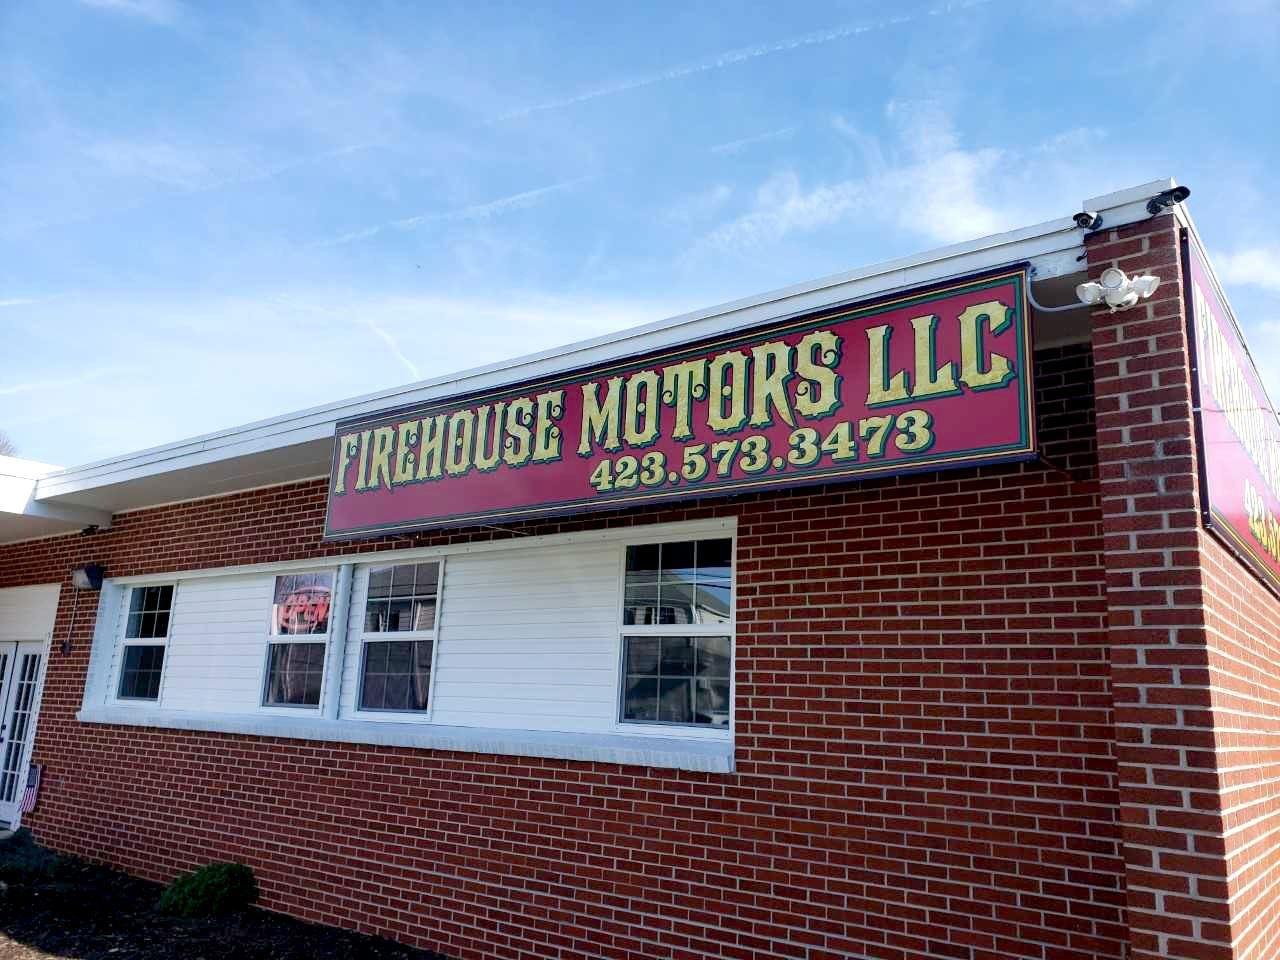 Firehouse Motors LLC